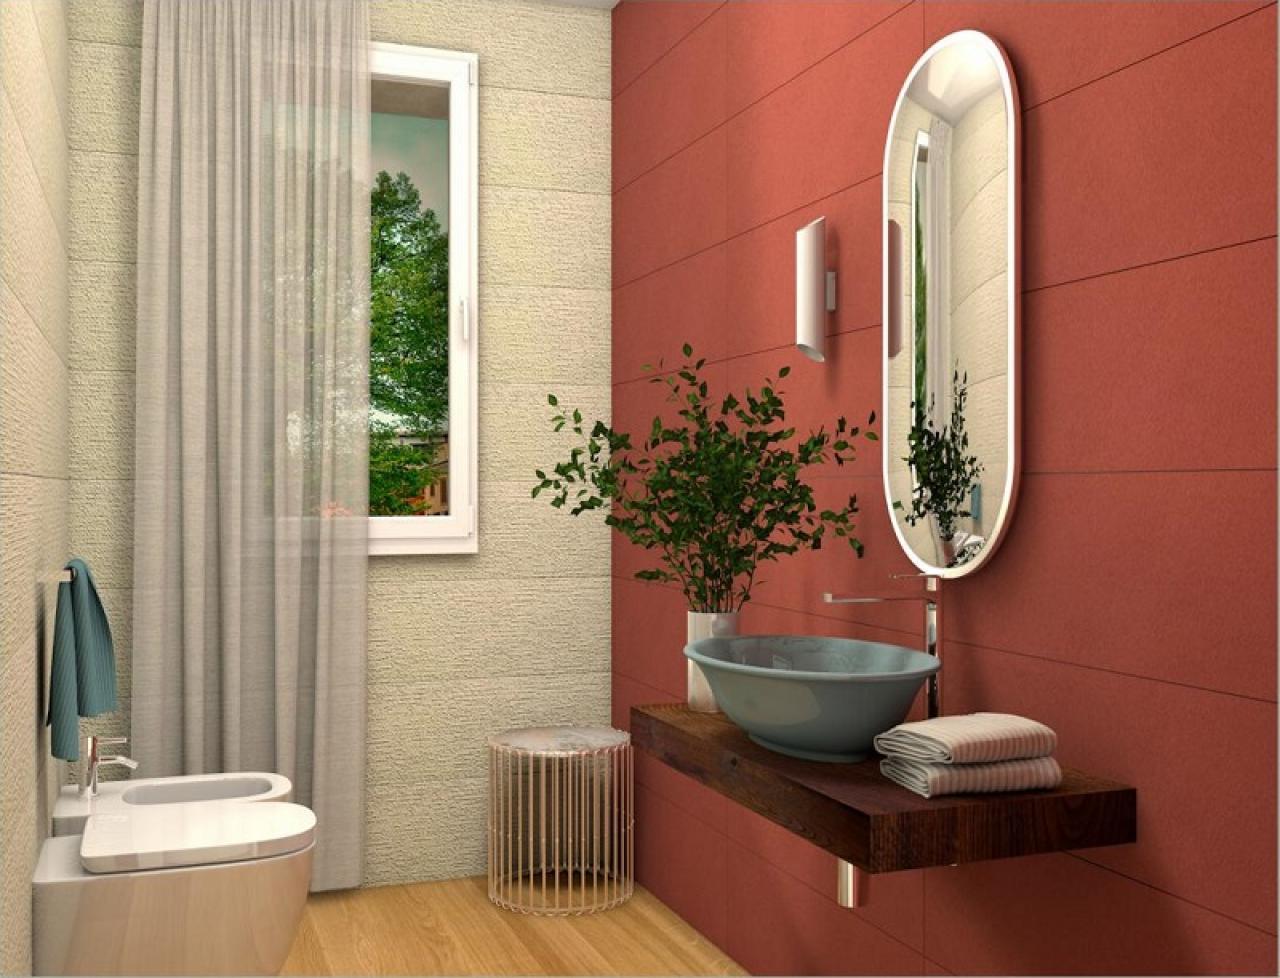 bagno ospiti idee arredo piastrelle bagni negozio Vicenza provincia Verona